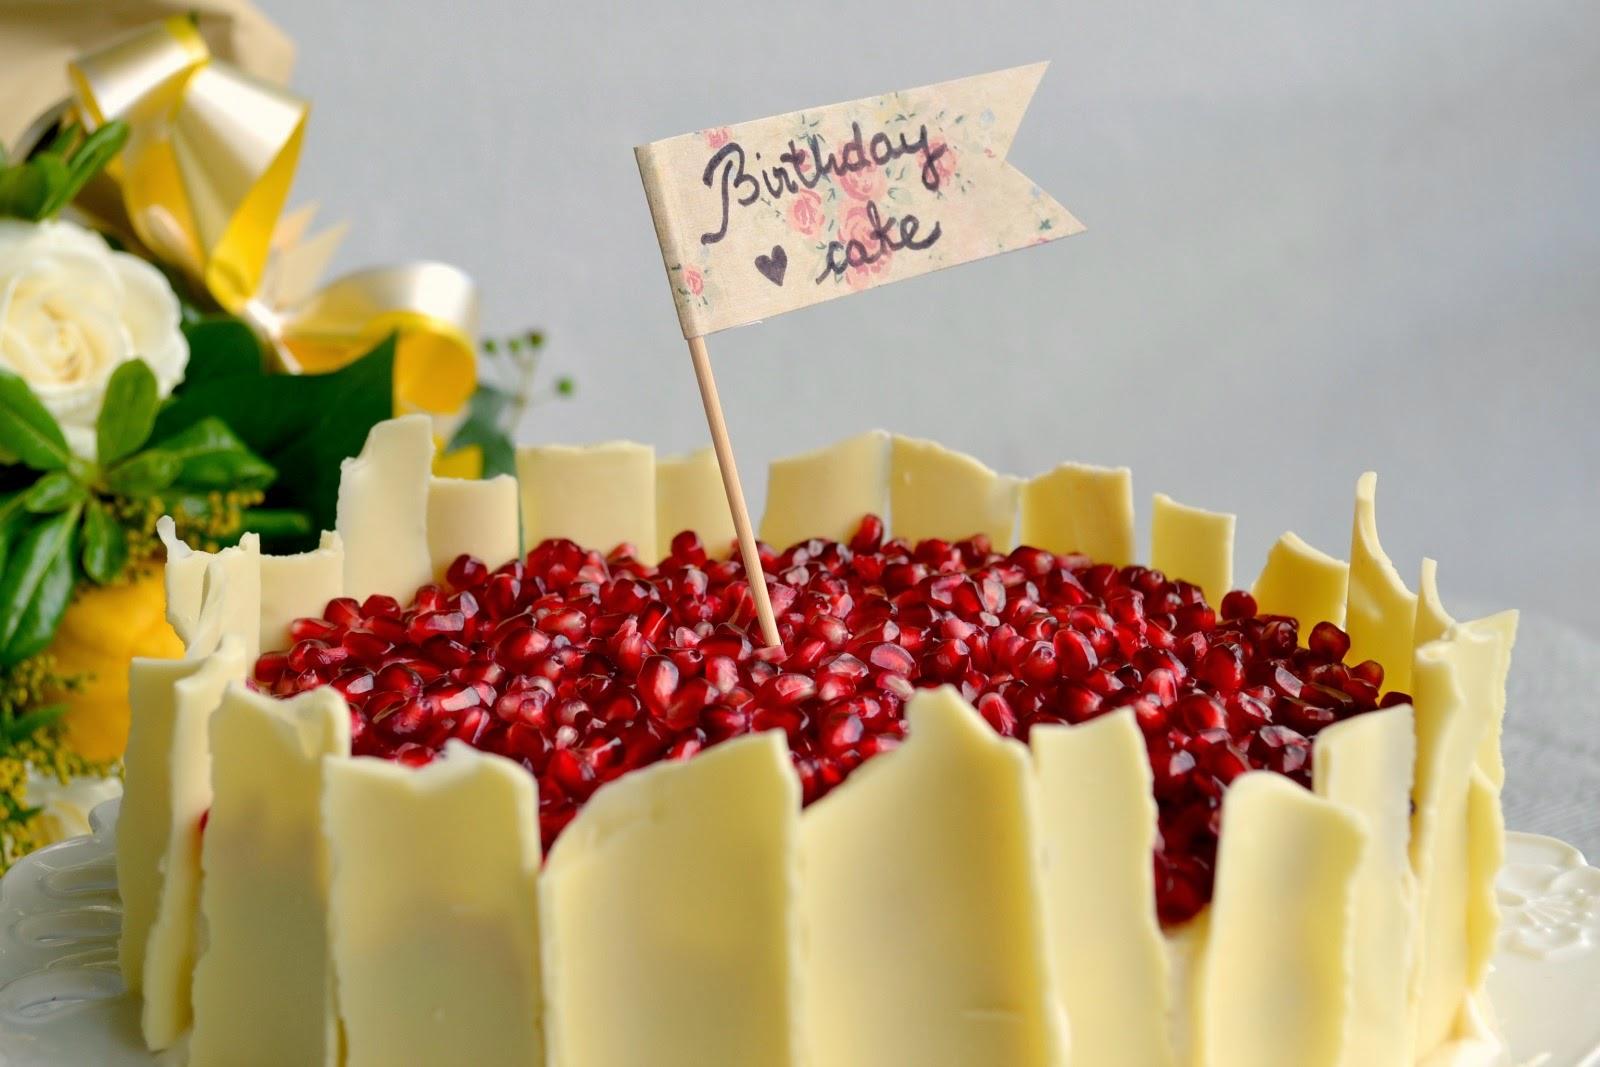 Jar Of Handmade Recipe Eminas Birthday Cake with White Chocolate